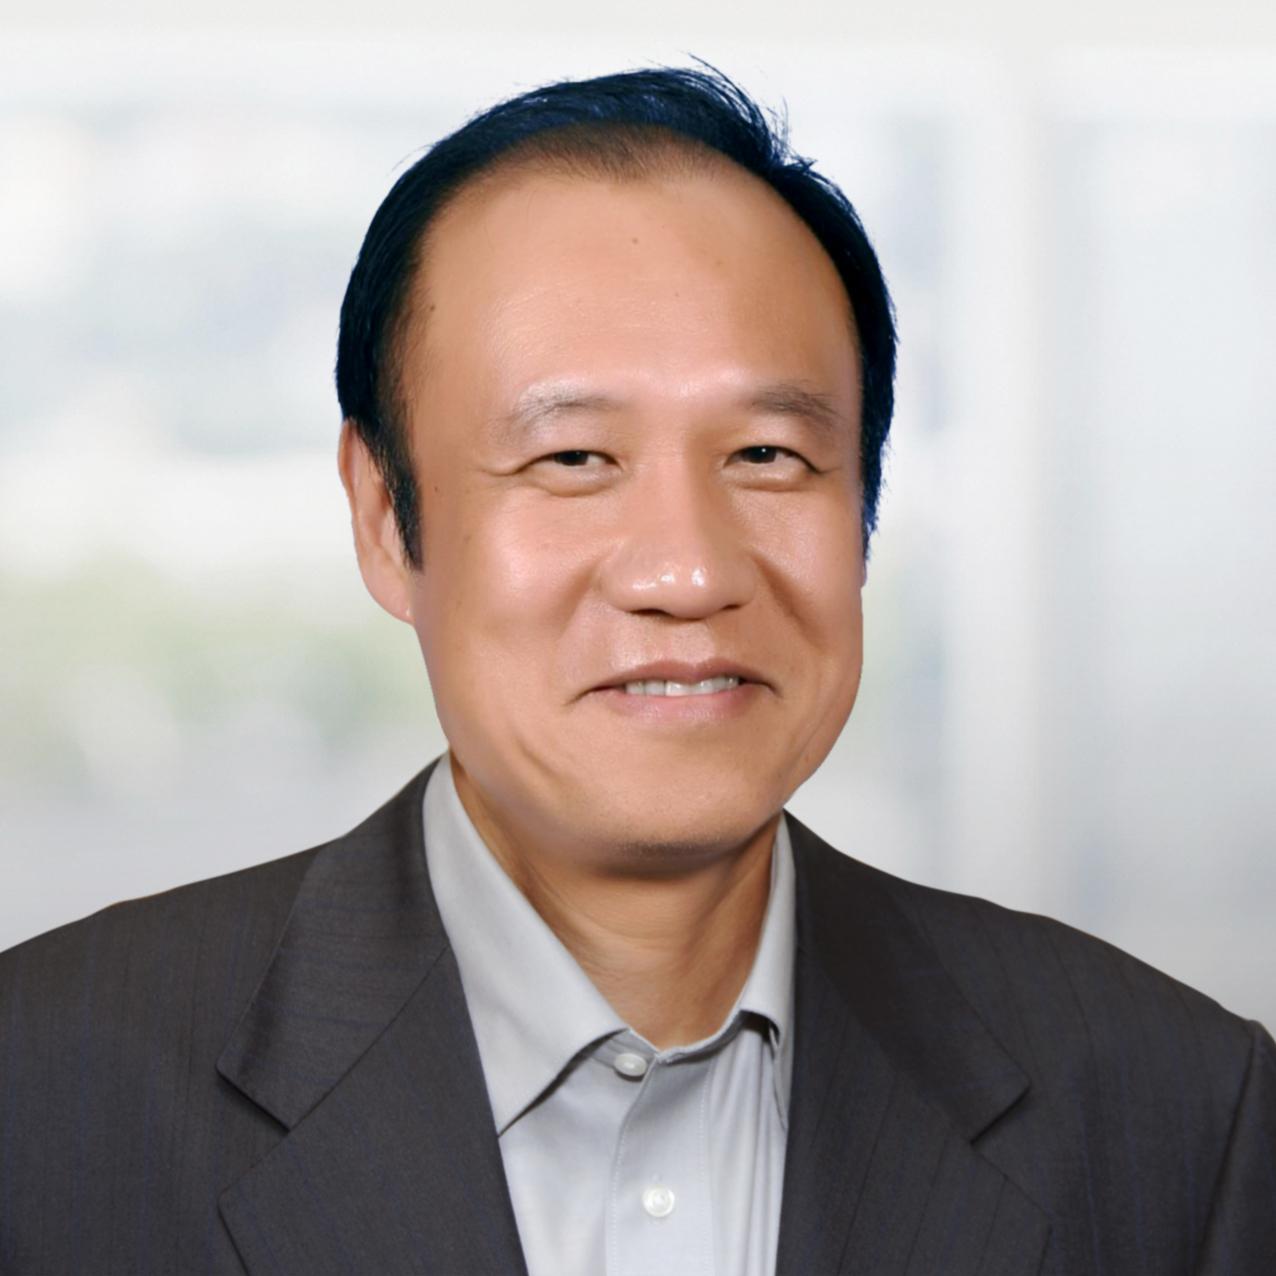 Ken Xie of Fortinet